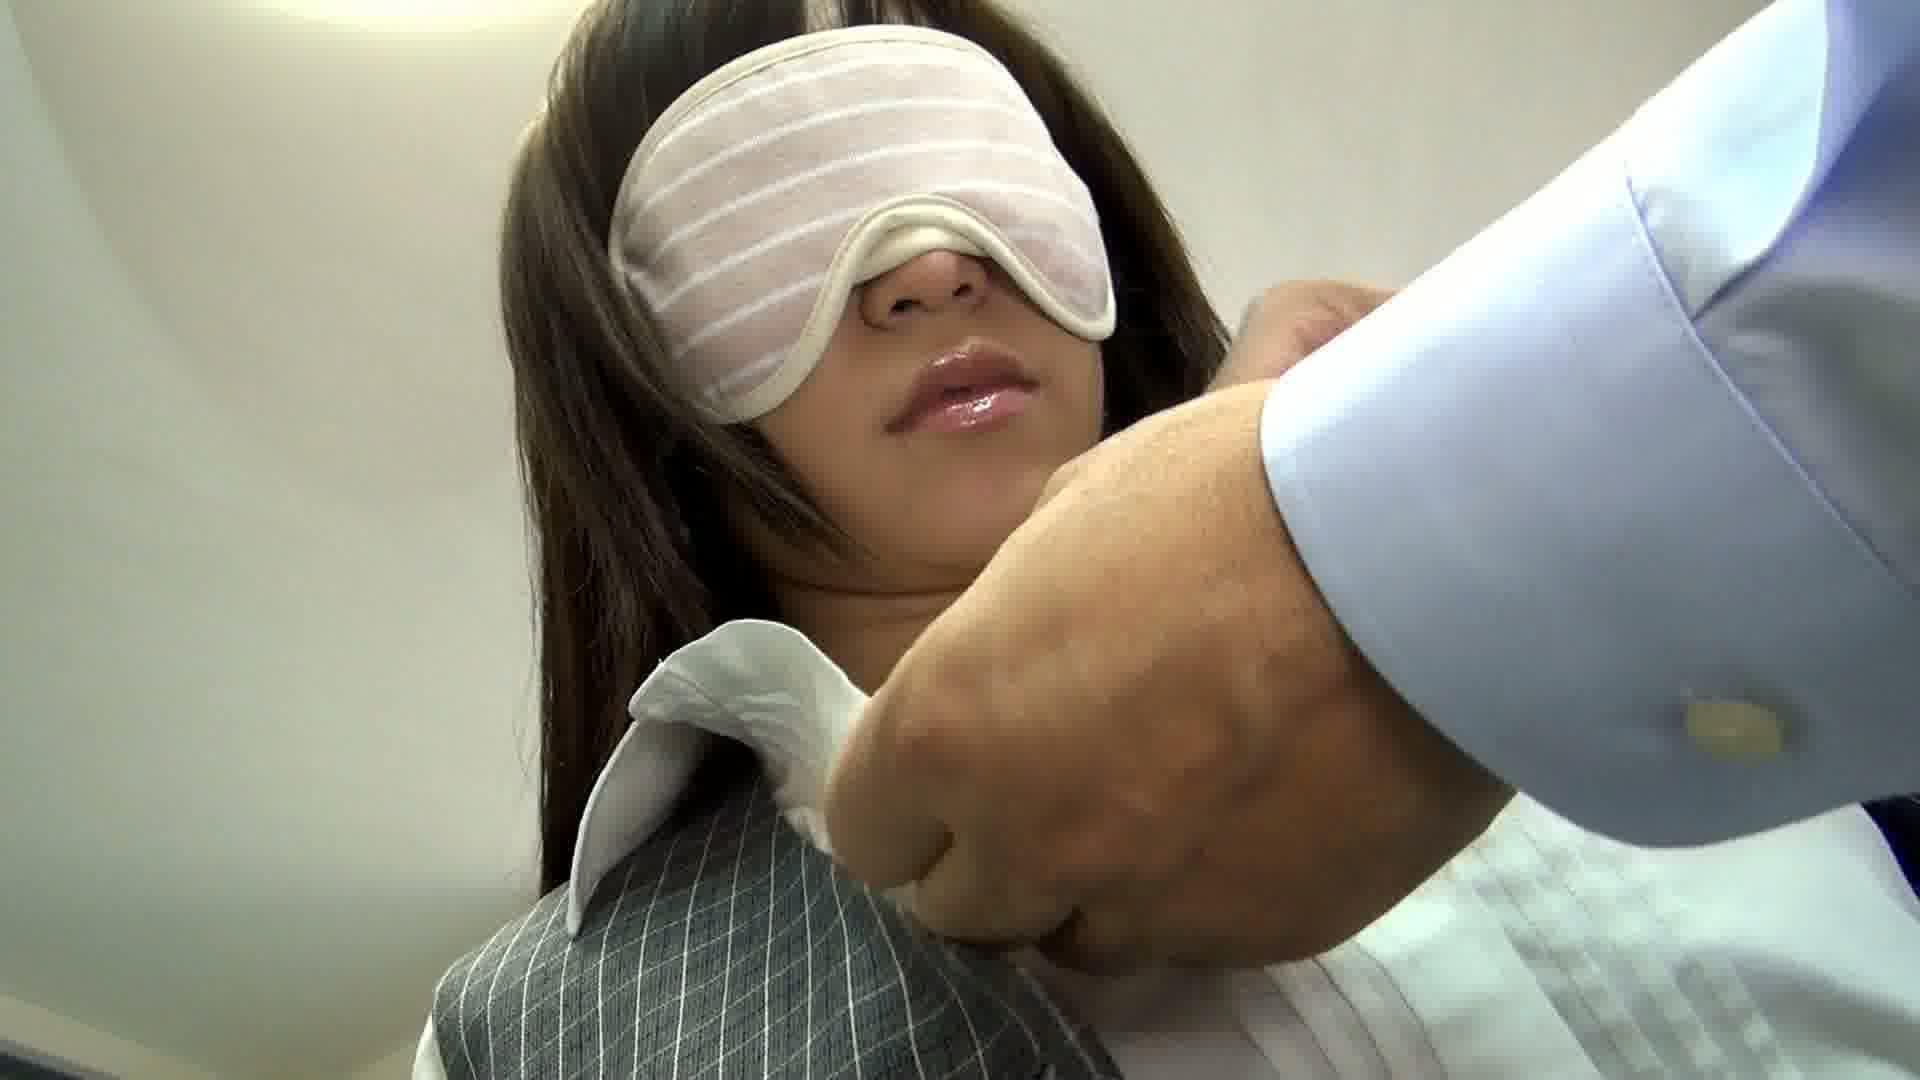 アダルトグッズ開発会社で働き調教される新人OL vol.01美咲恋